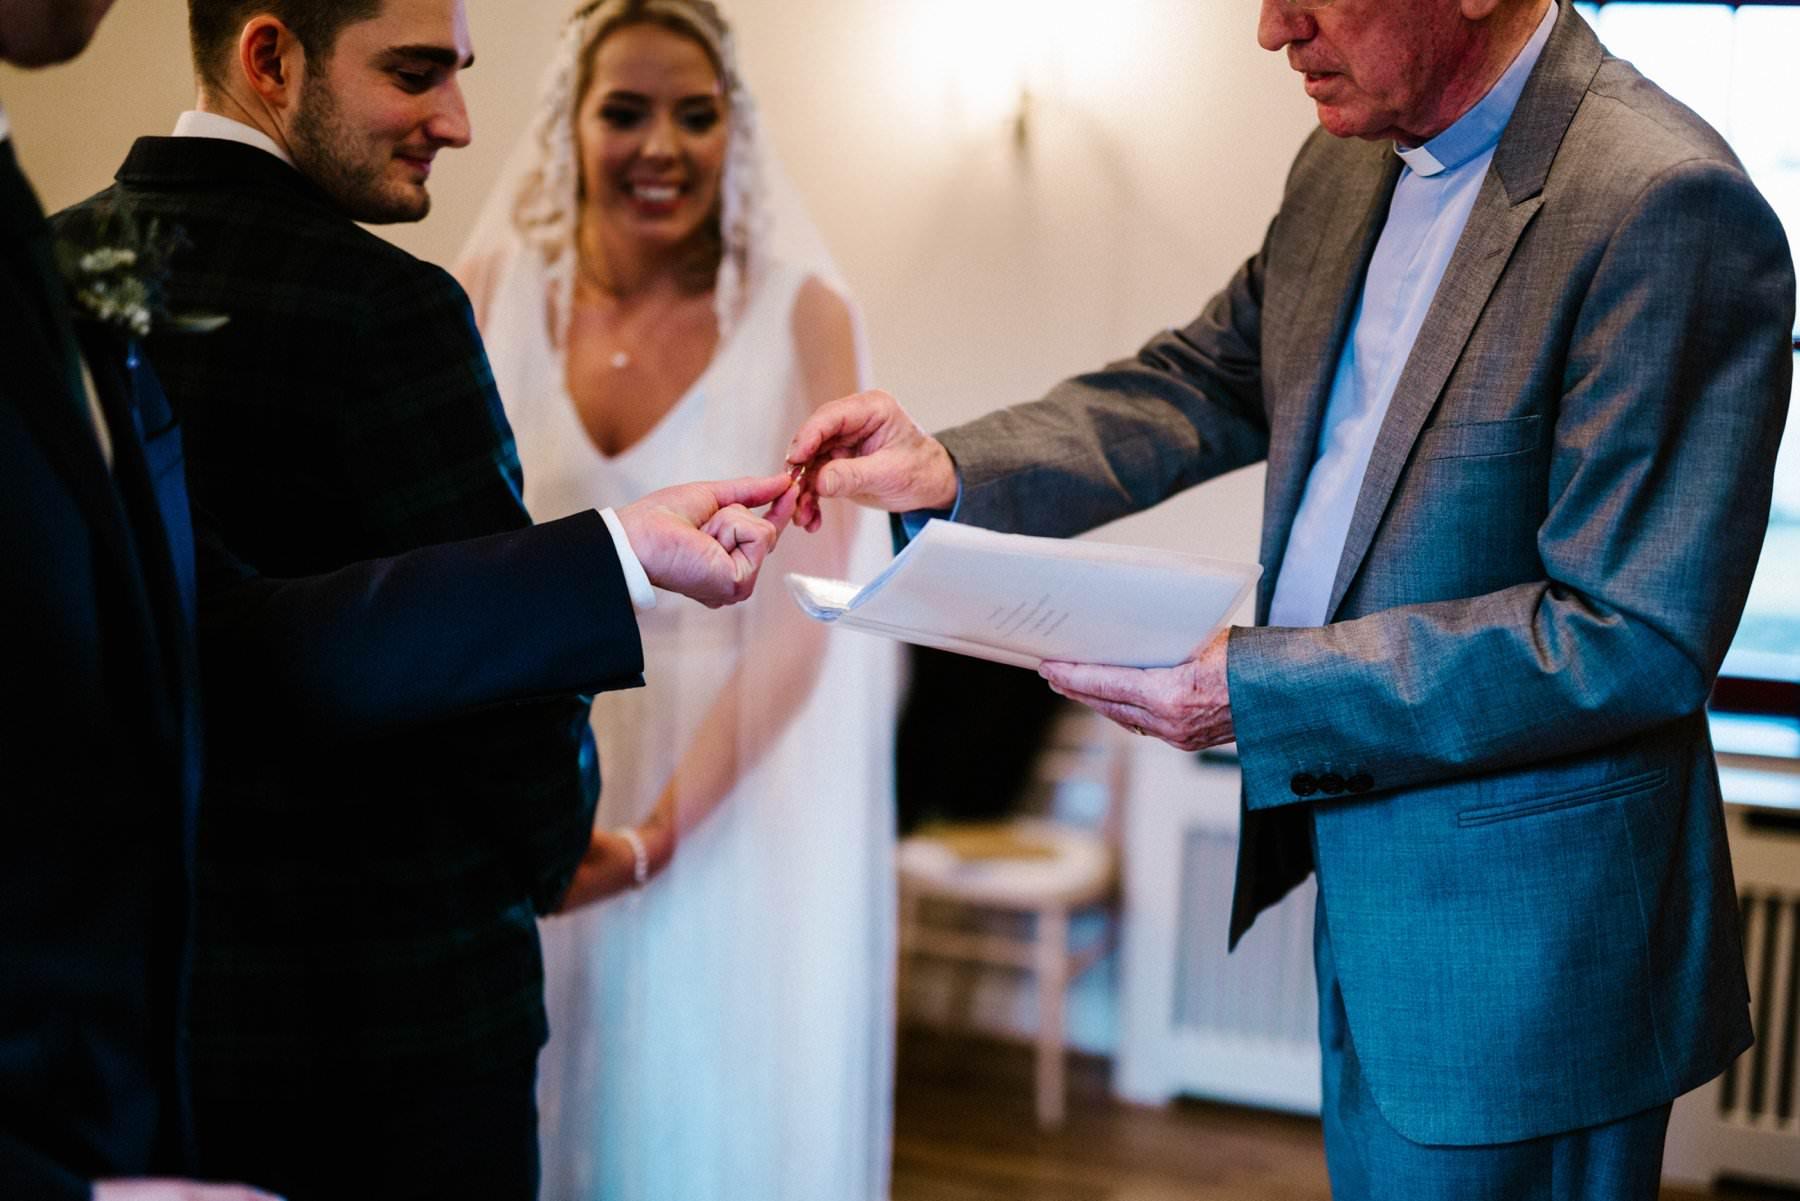 the ring exchange wedding photography northern ireland